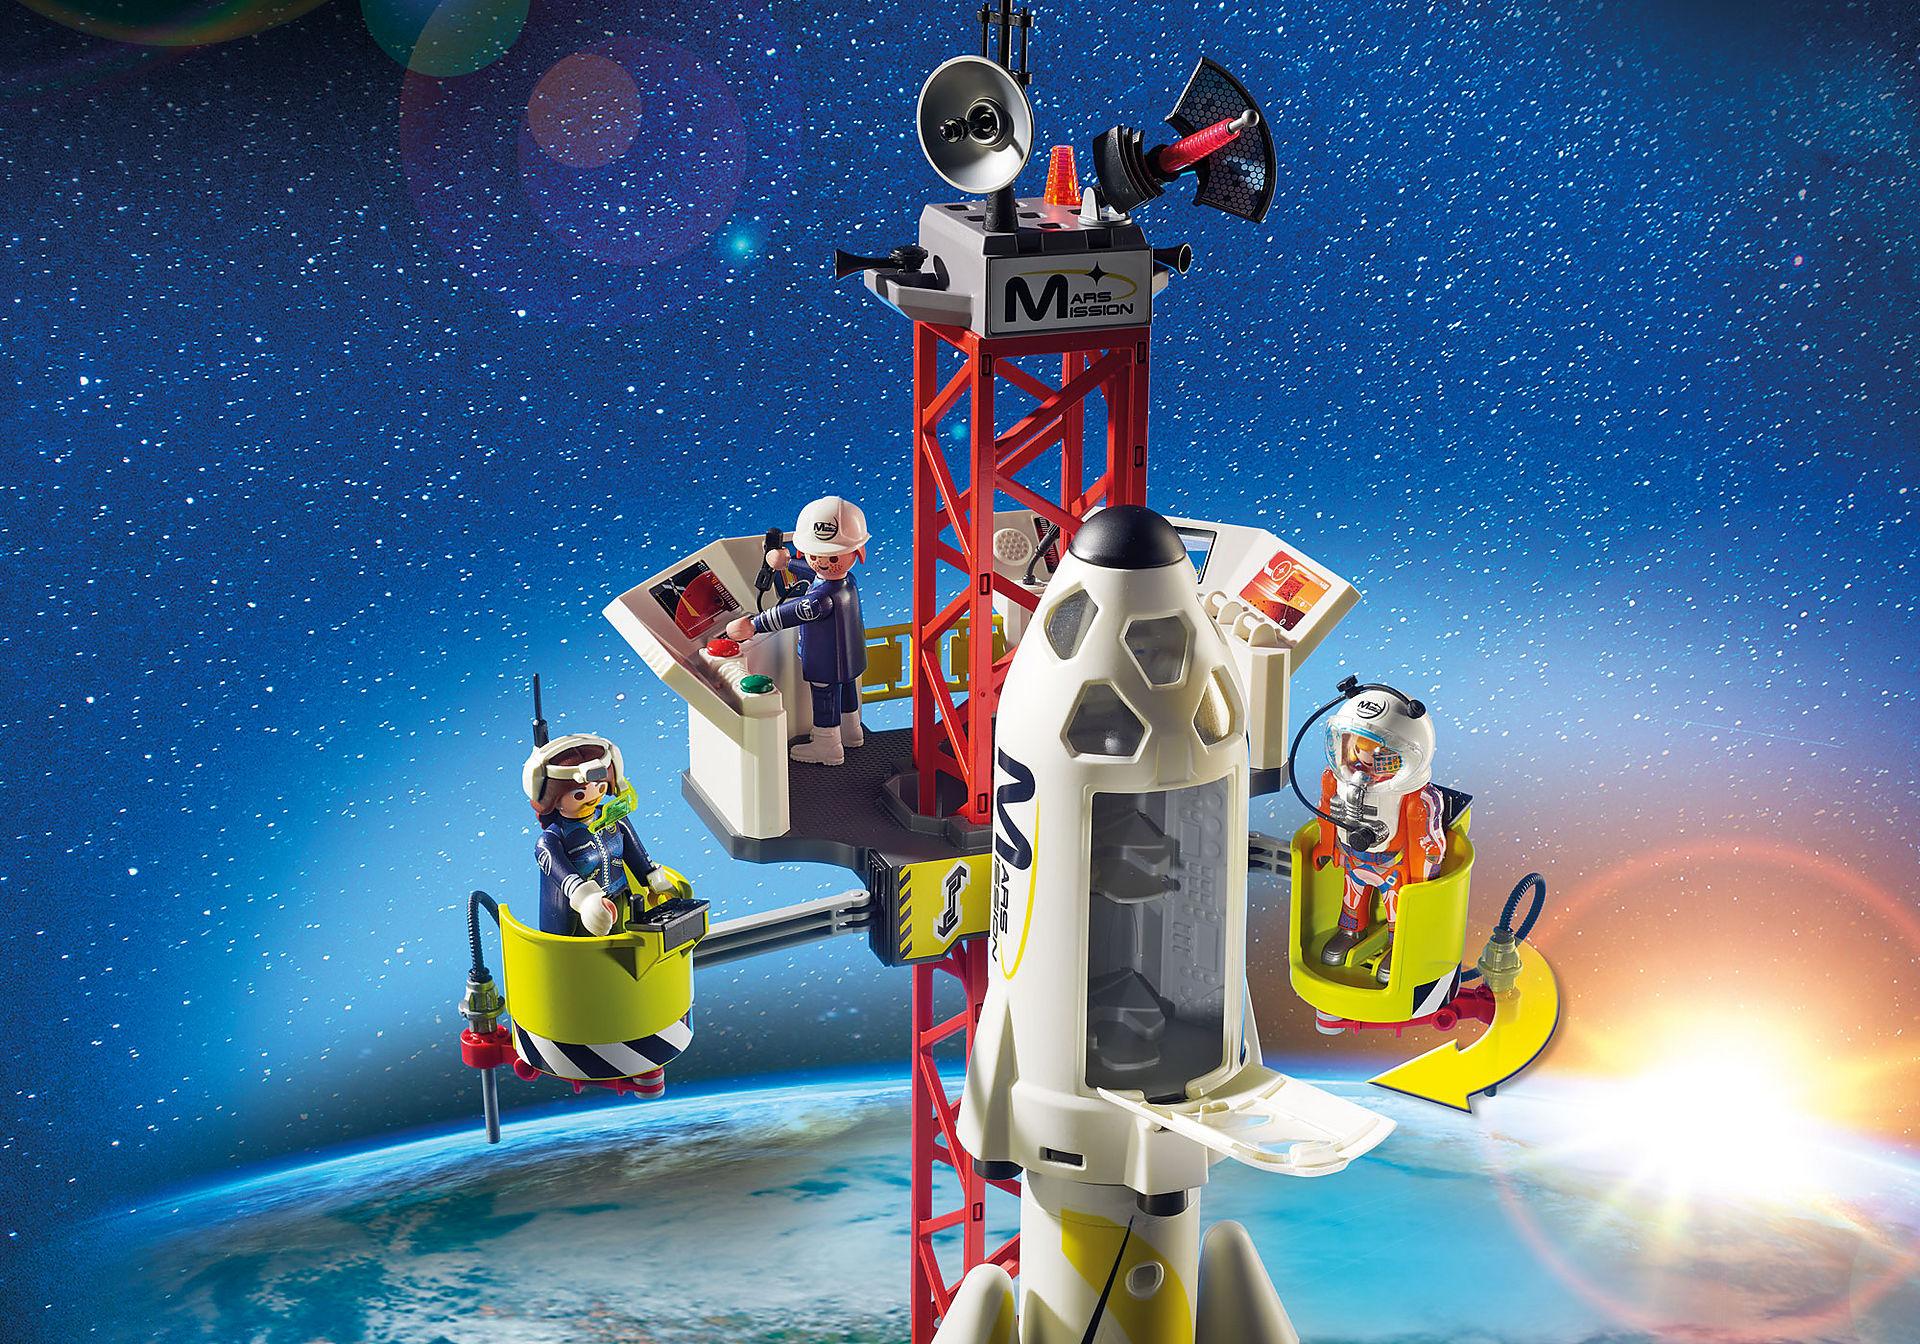 9488 Cohete con Plataforma de Lanzamiento zoom image4